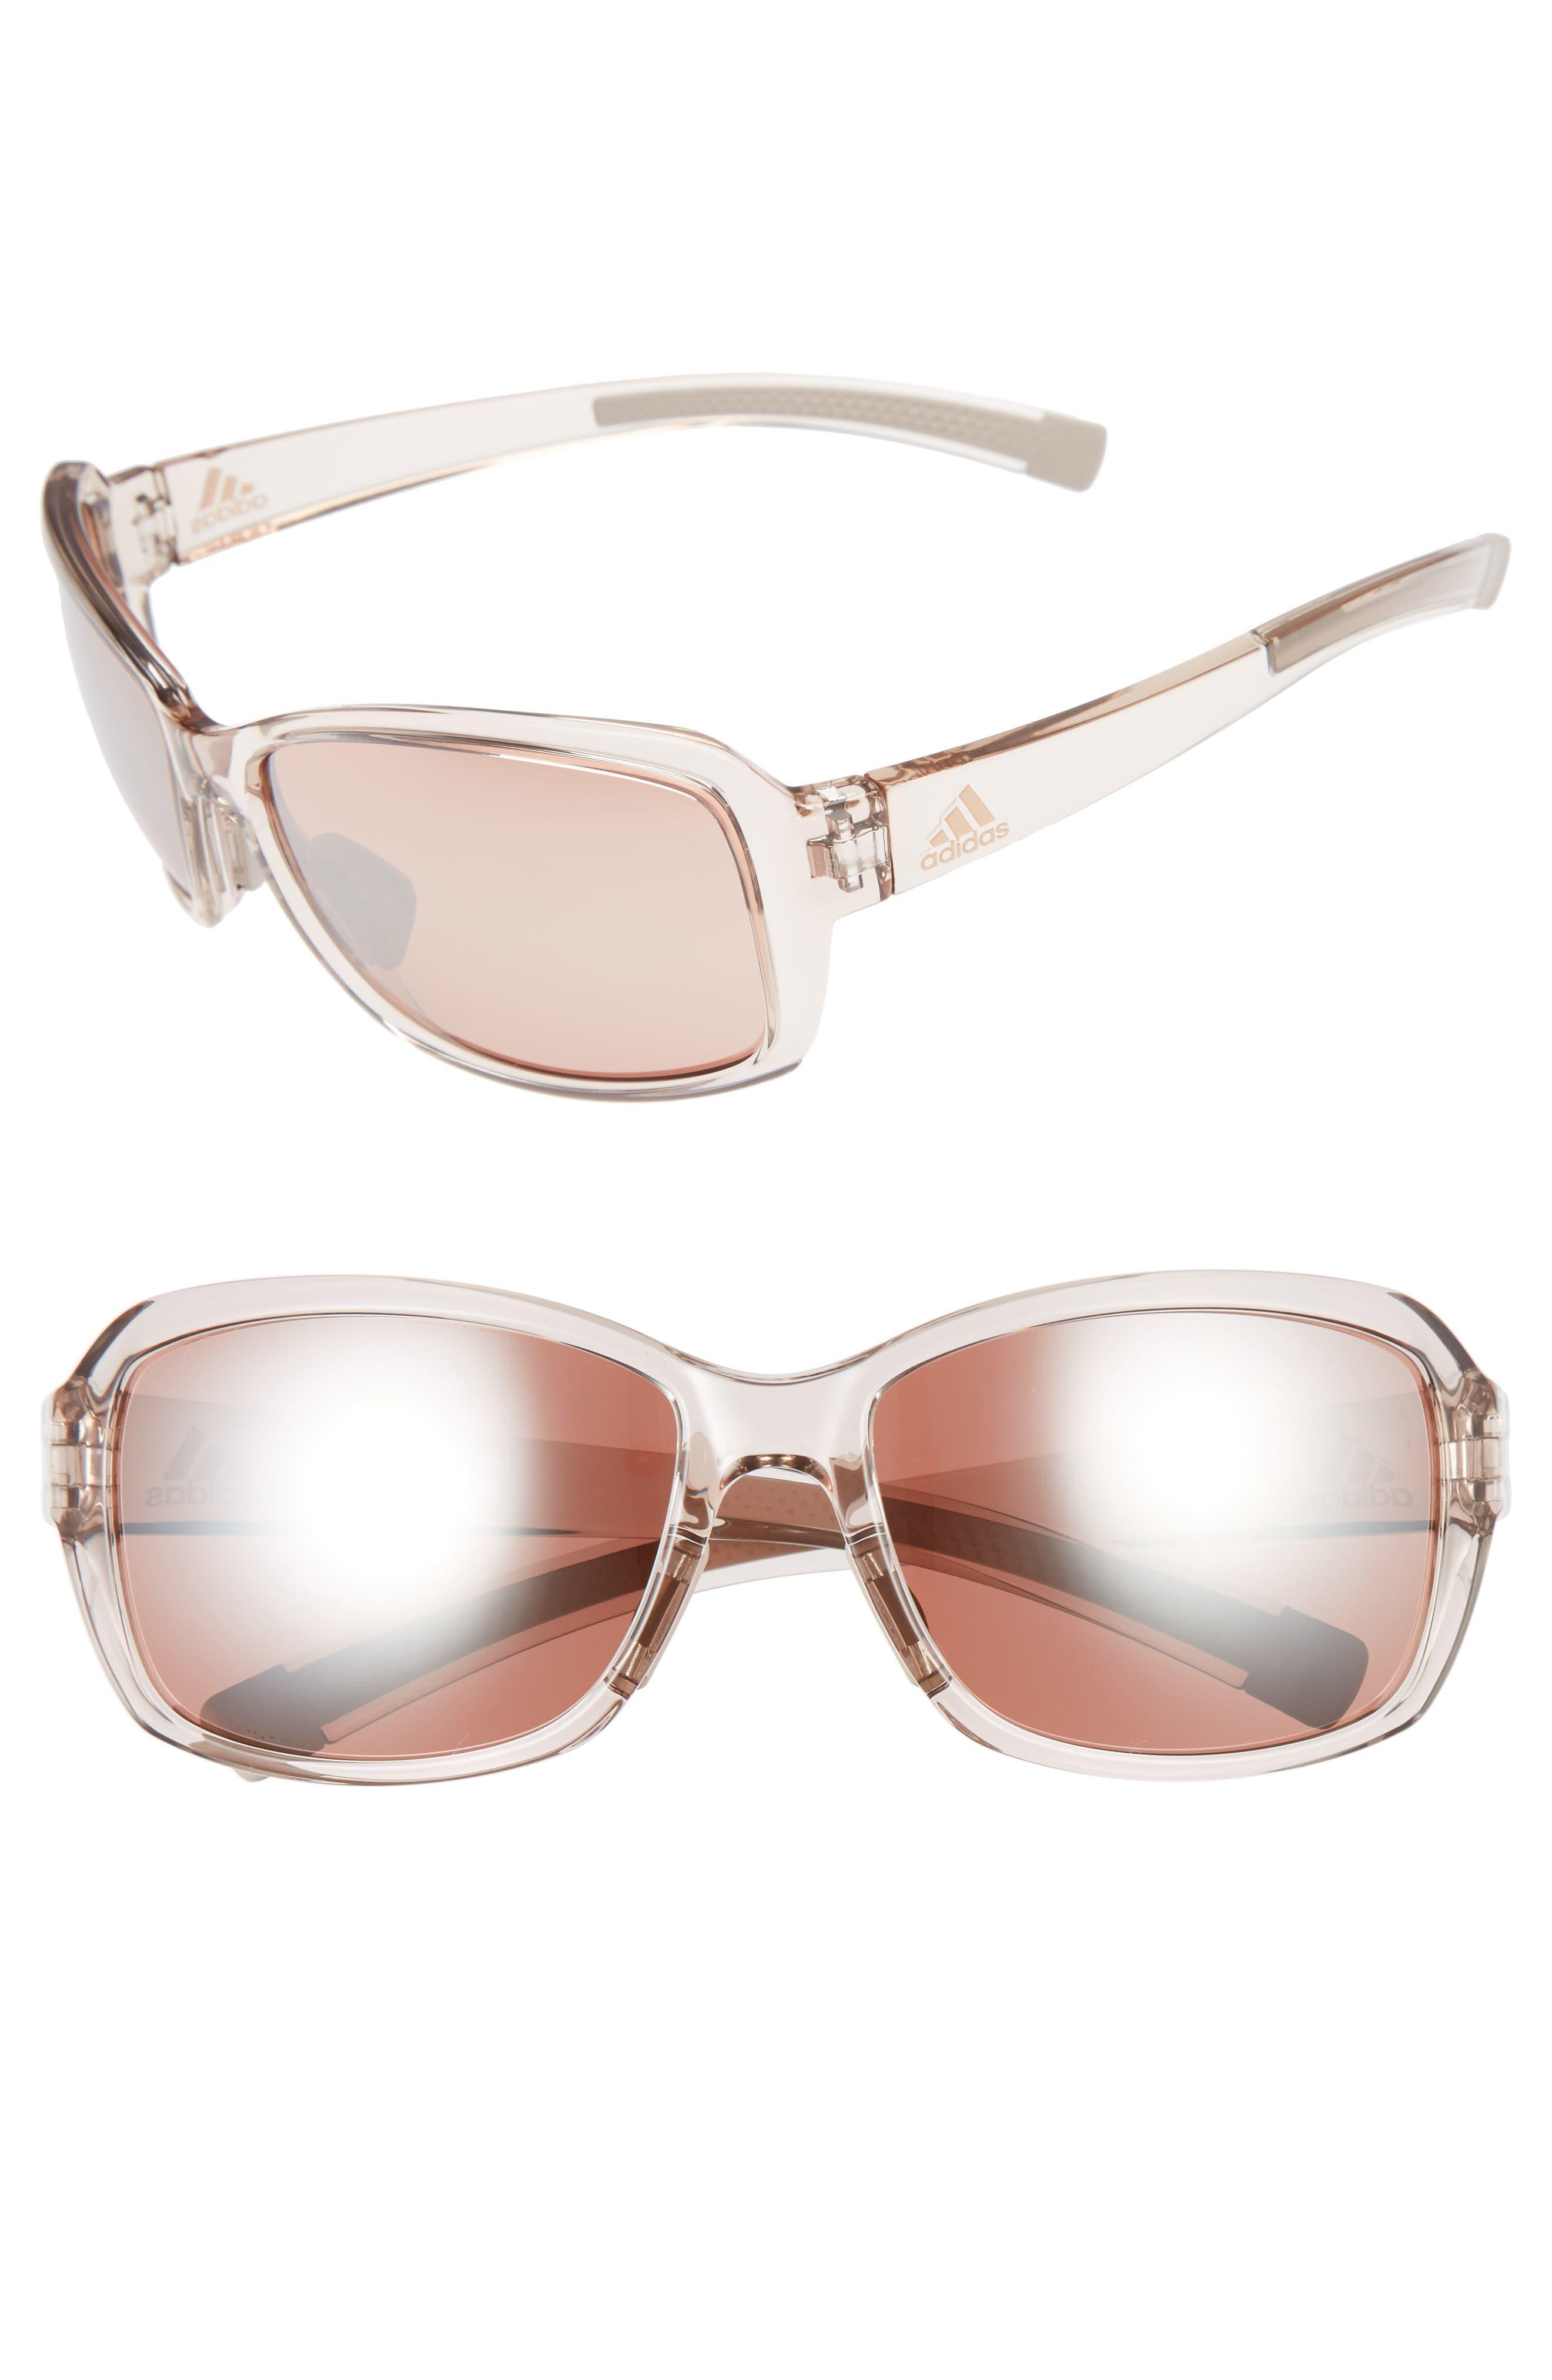 Baboa 58mm Sunglasses,                             Alternate thumbnail 5, color,